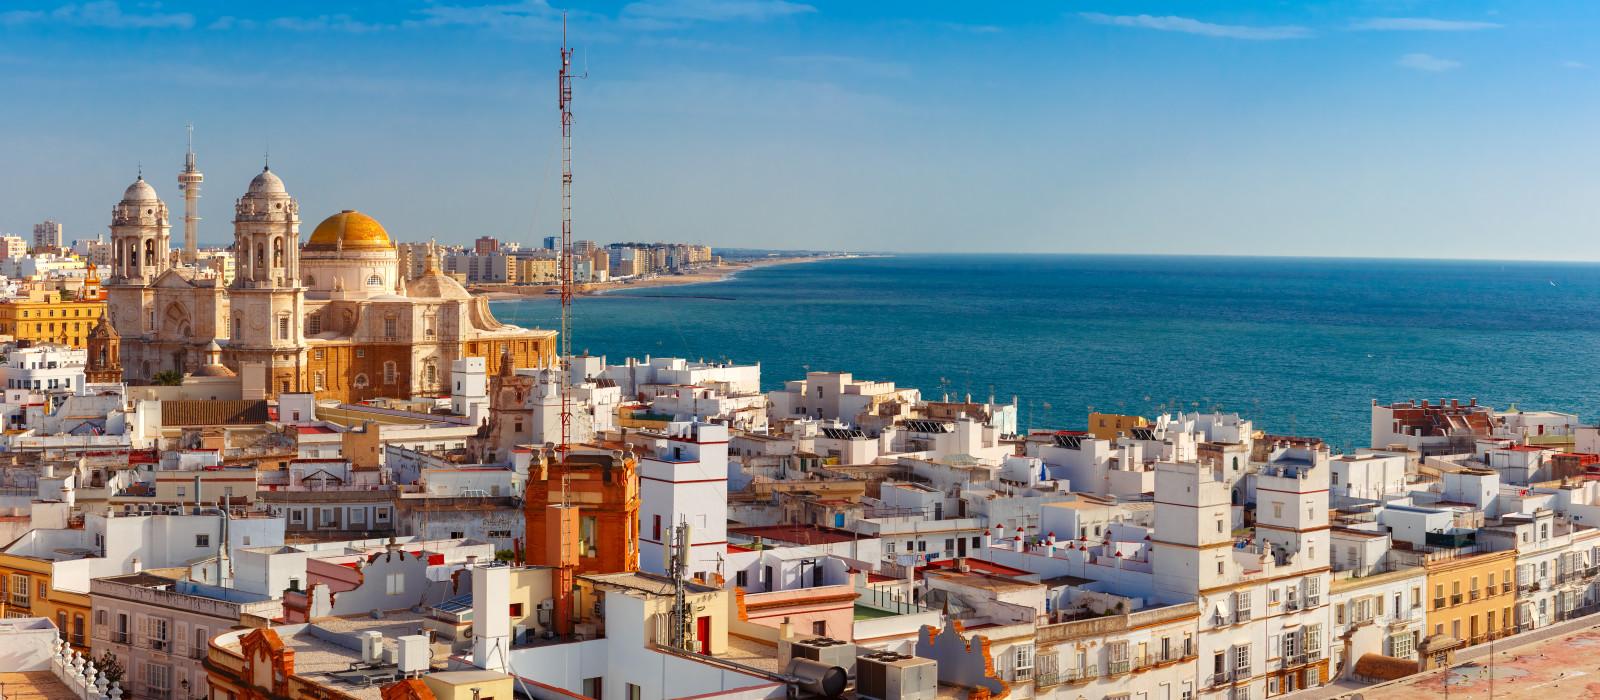 Spanien Urlaub - Dächer der Altstadt und der Kathedrale Santa Cruz am Morgen vom Turm Tavira in Cádiz, Andalusien, Spanien